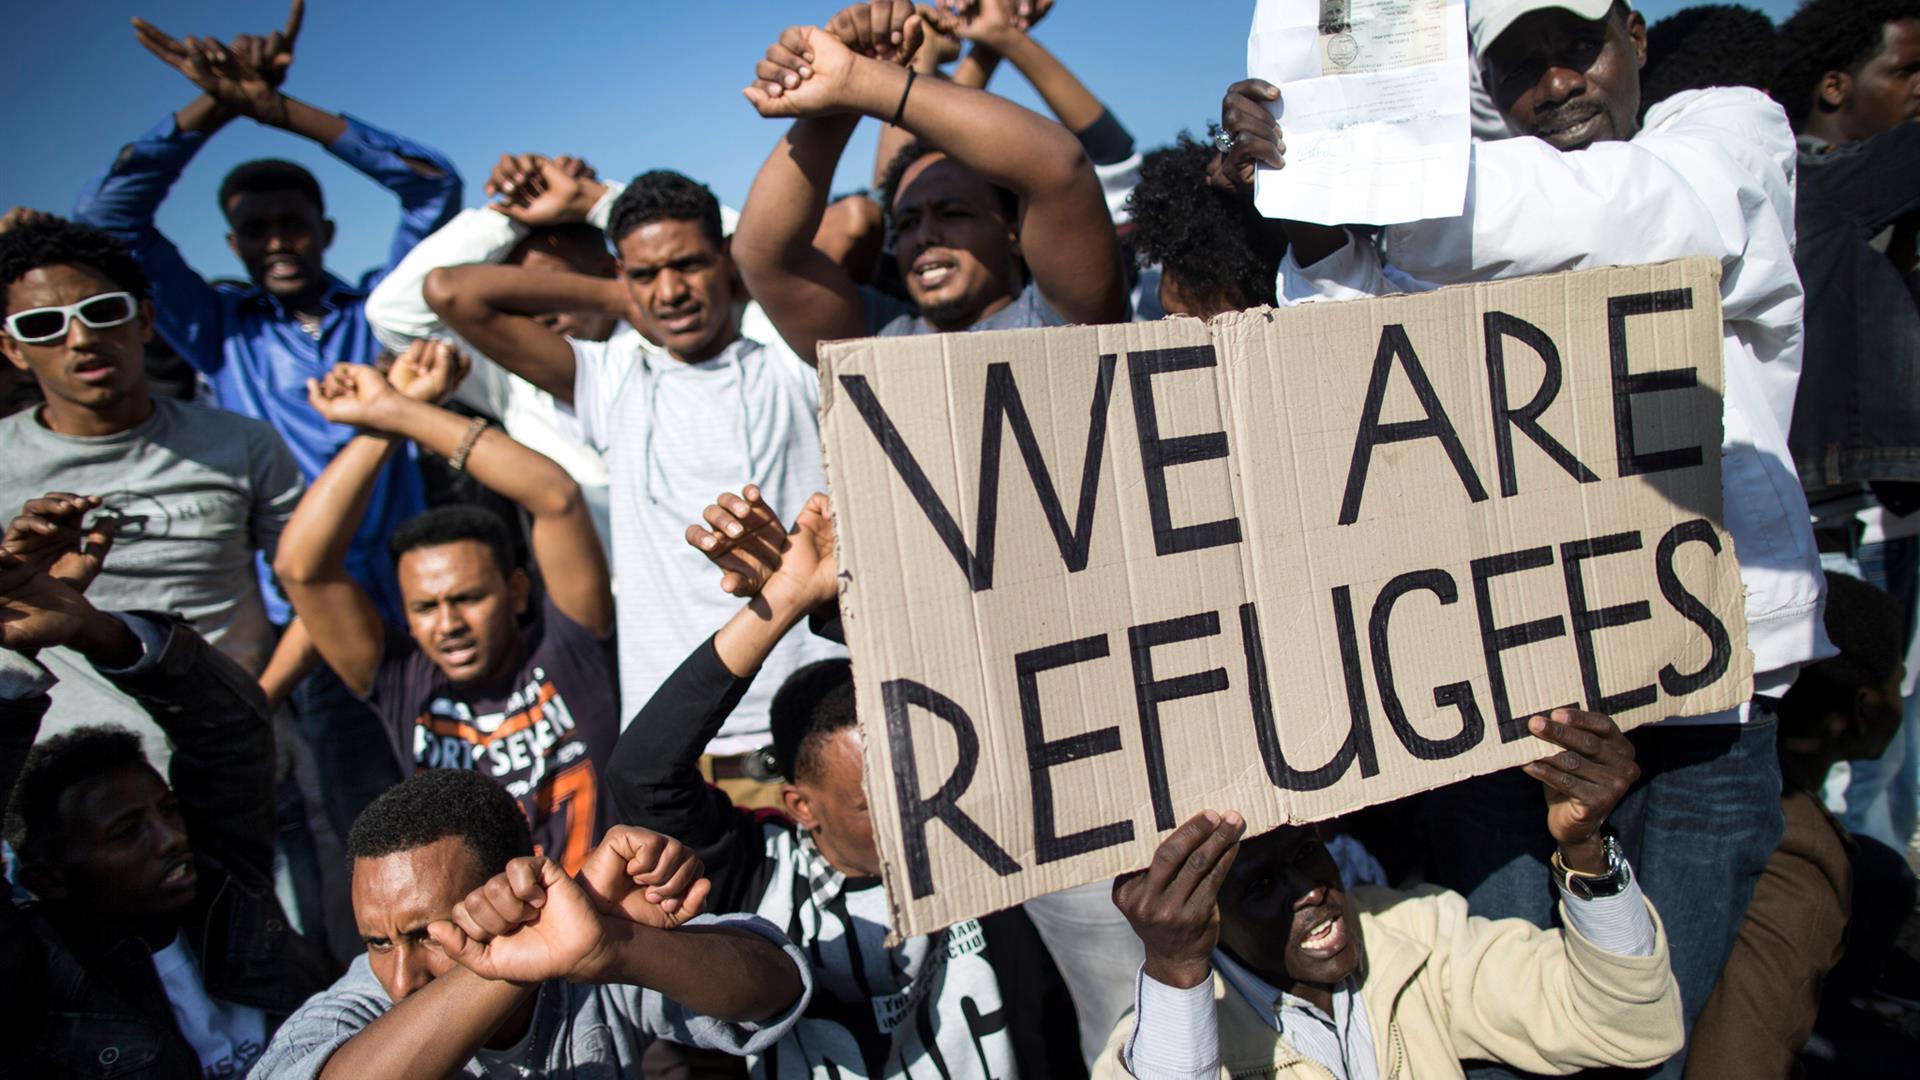 Migranti Abruzzo richieste d'asilo più veloci